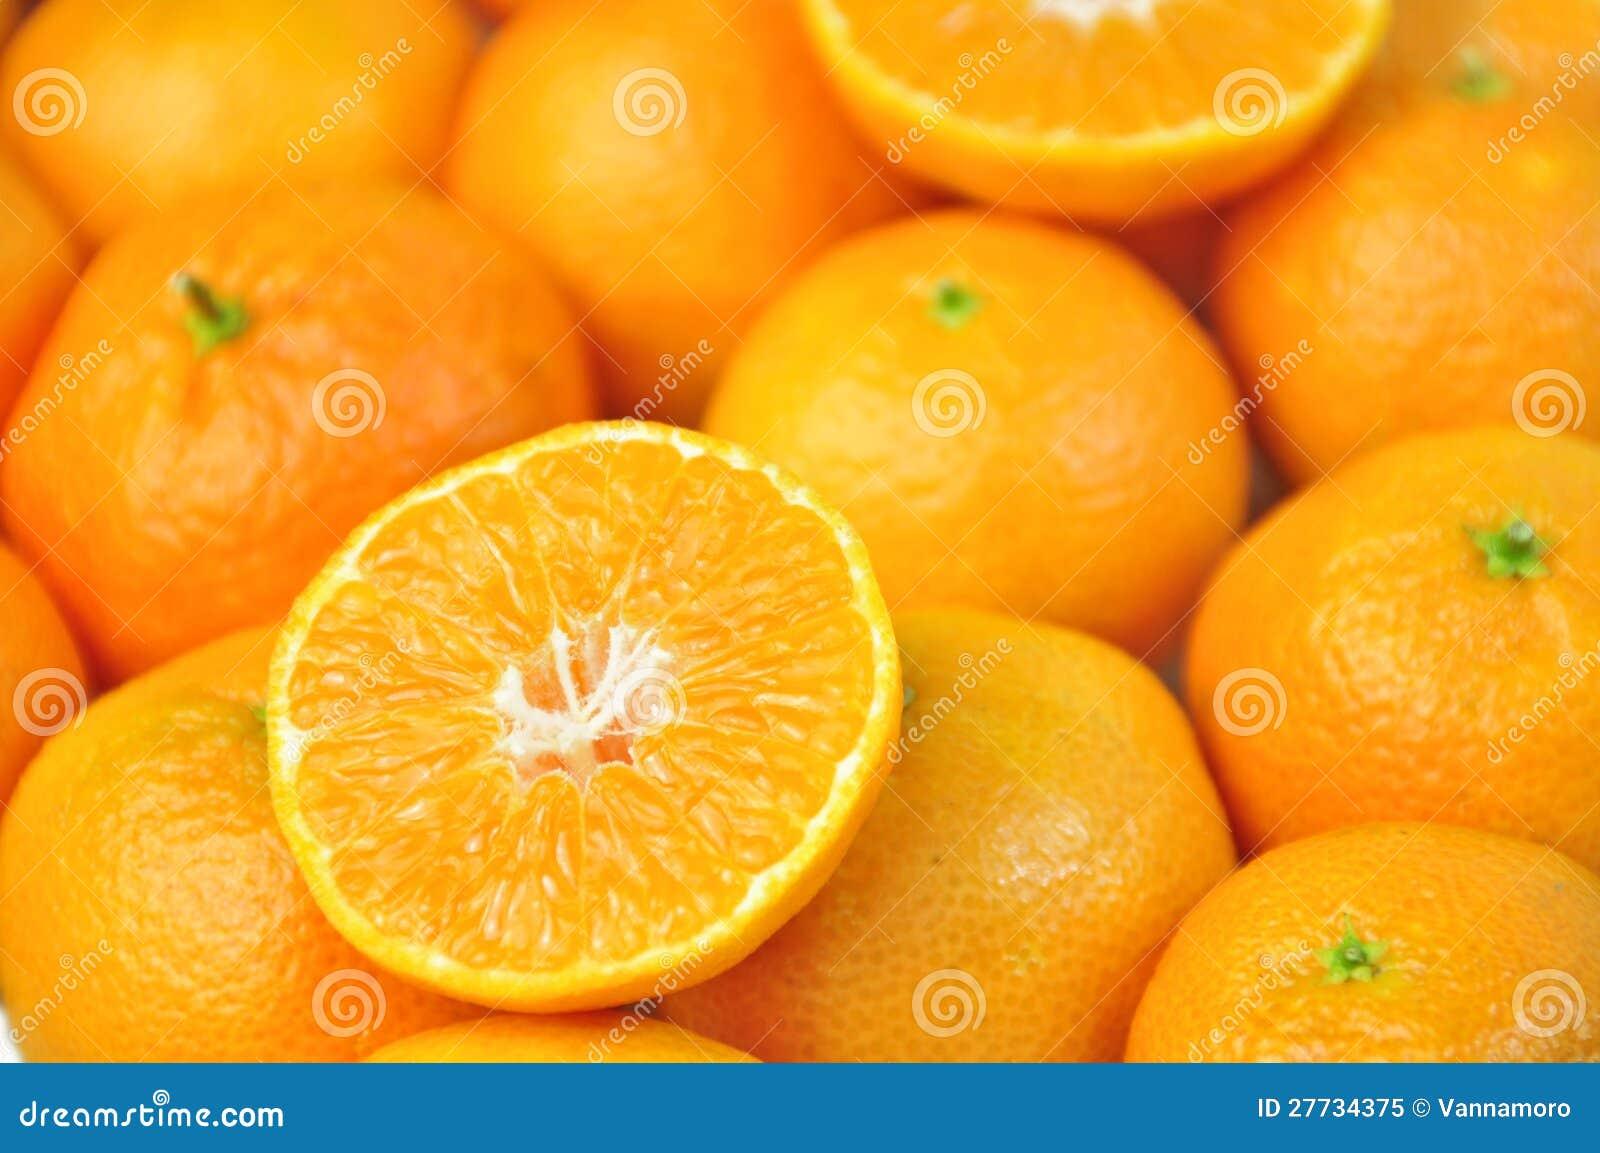 Klementinen